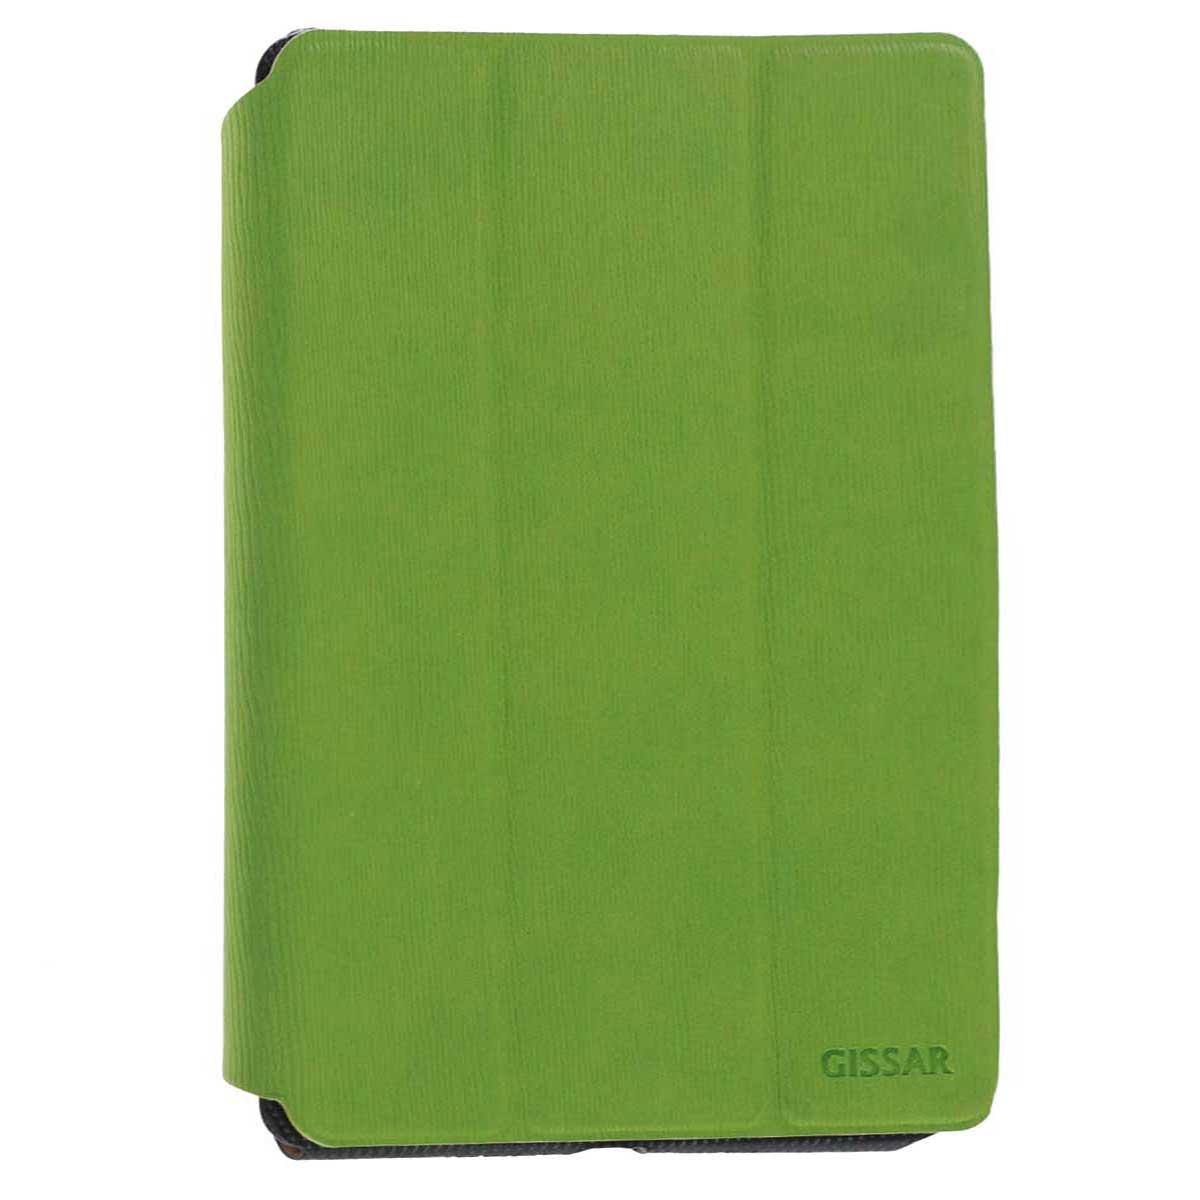 Gissar Wave чехол для Apple iPad 2/3/4, Green31684Чехол Gissar Wave для iPad 2/3/4 предназначен для защиты корпуса планшета от механических повреждений и царапин в процессе эксплуатации. Имеет свободный доступ ко всем разъемам и кнопкам устройства.